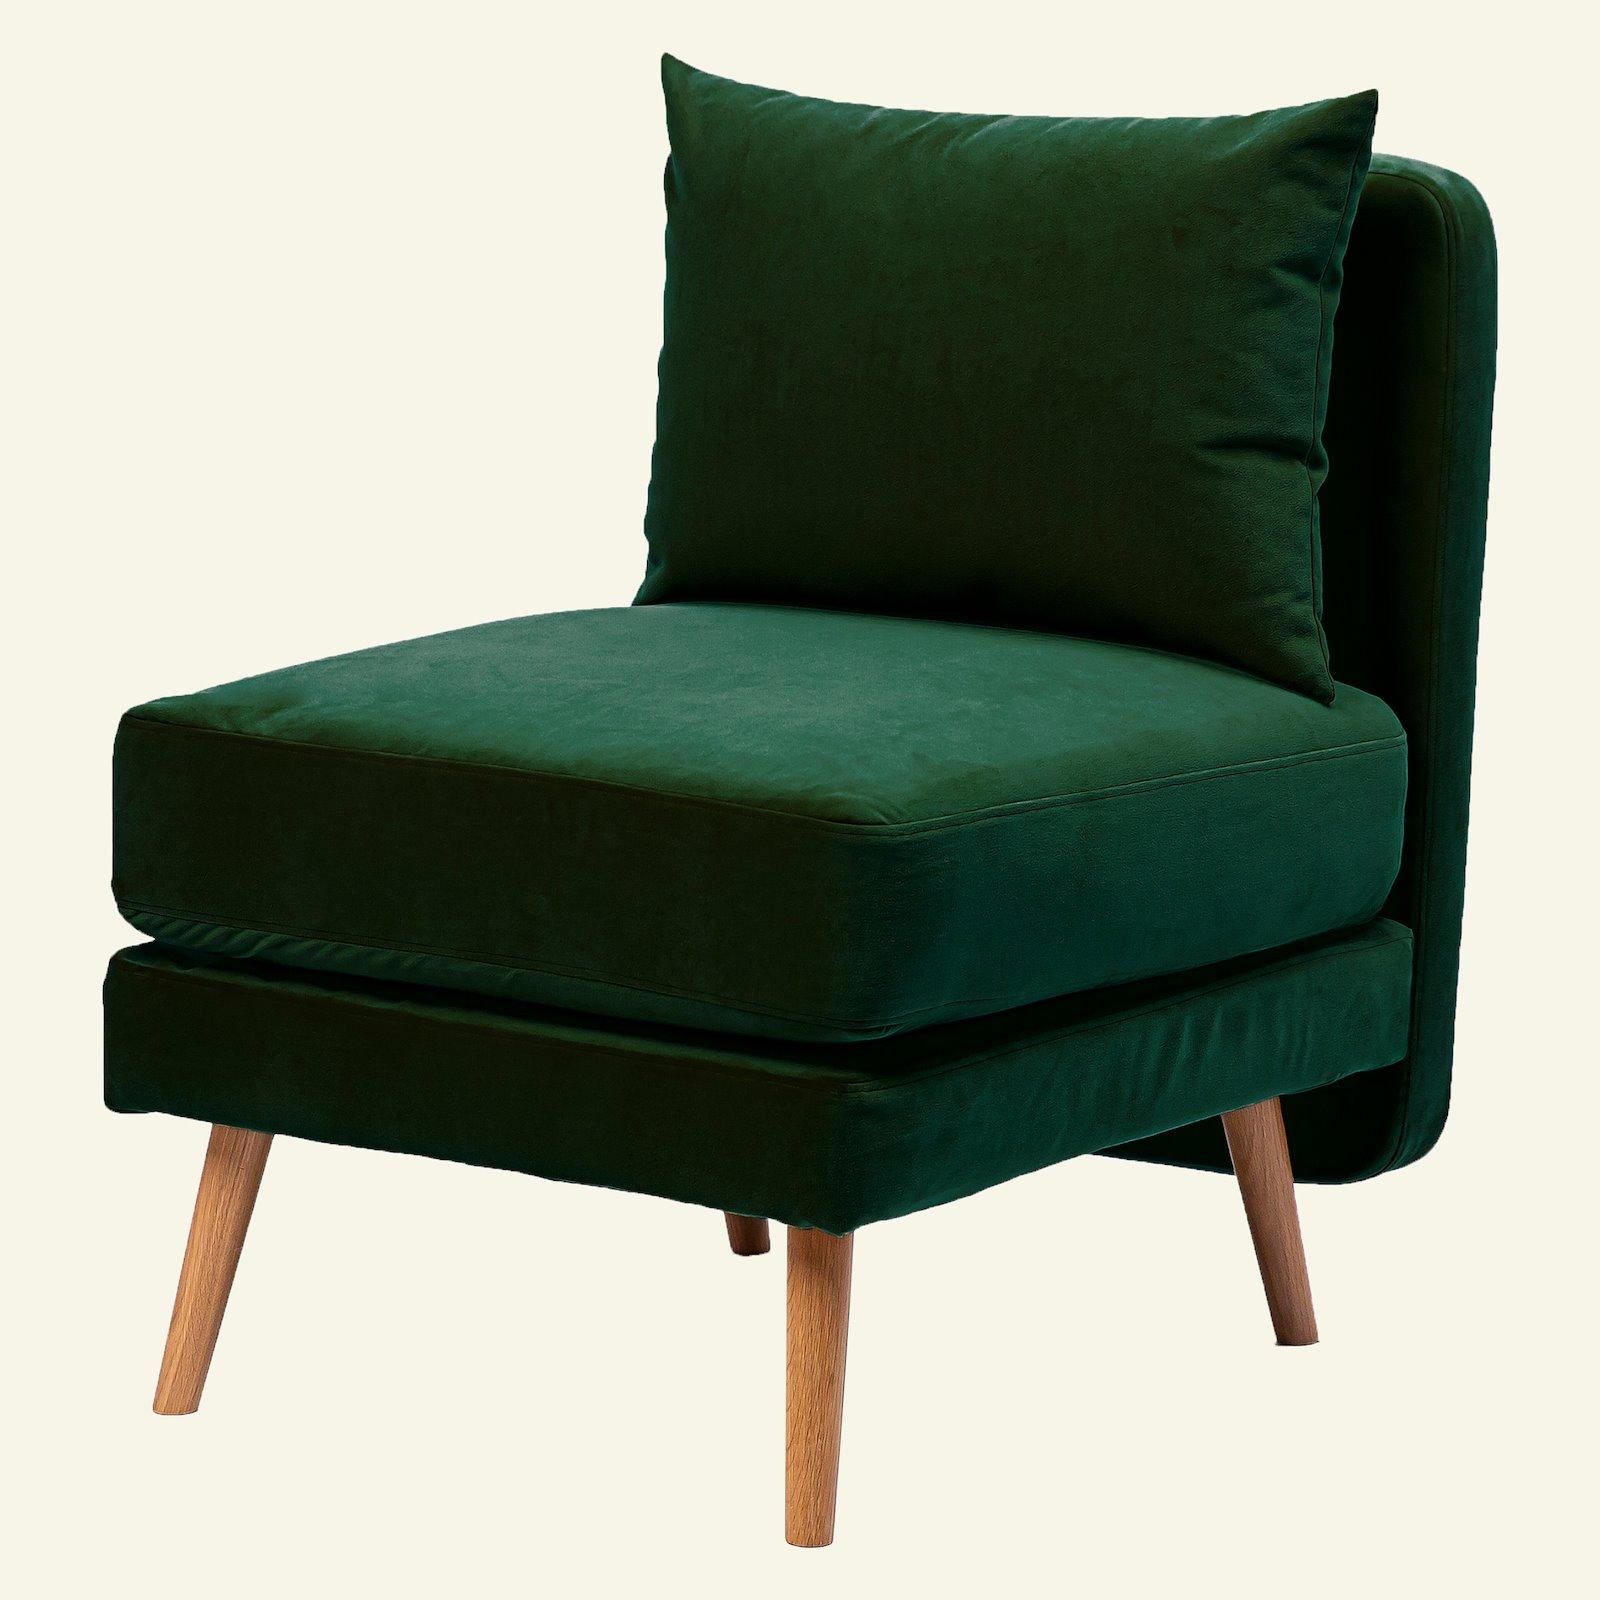 Upholstery shiny velvet emerald green 823724_sskit